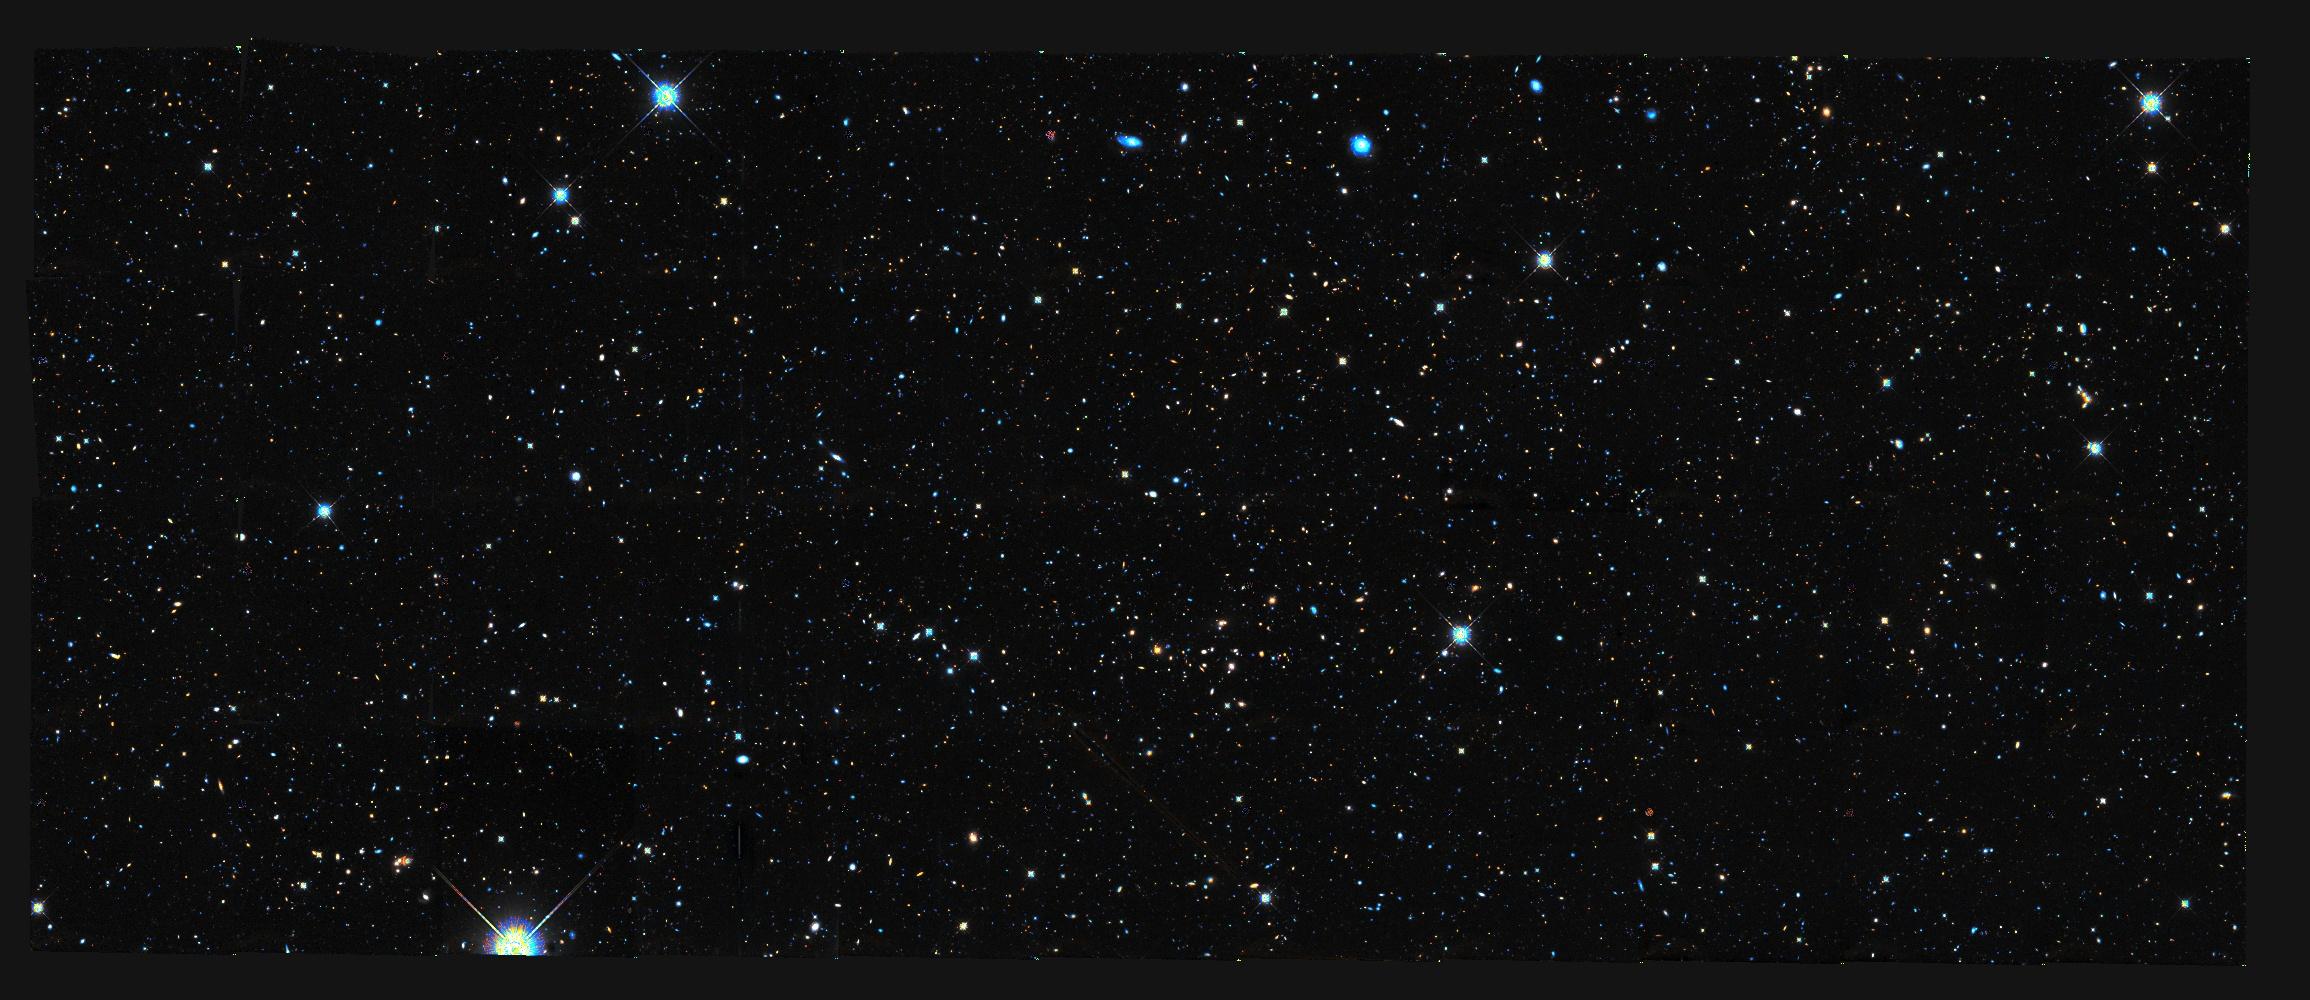 galaxy note 3 wallpaper full hd